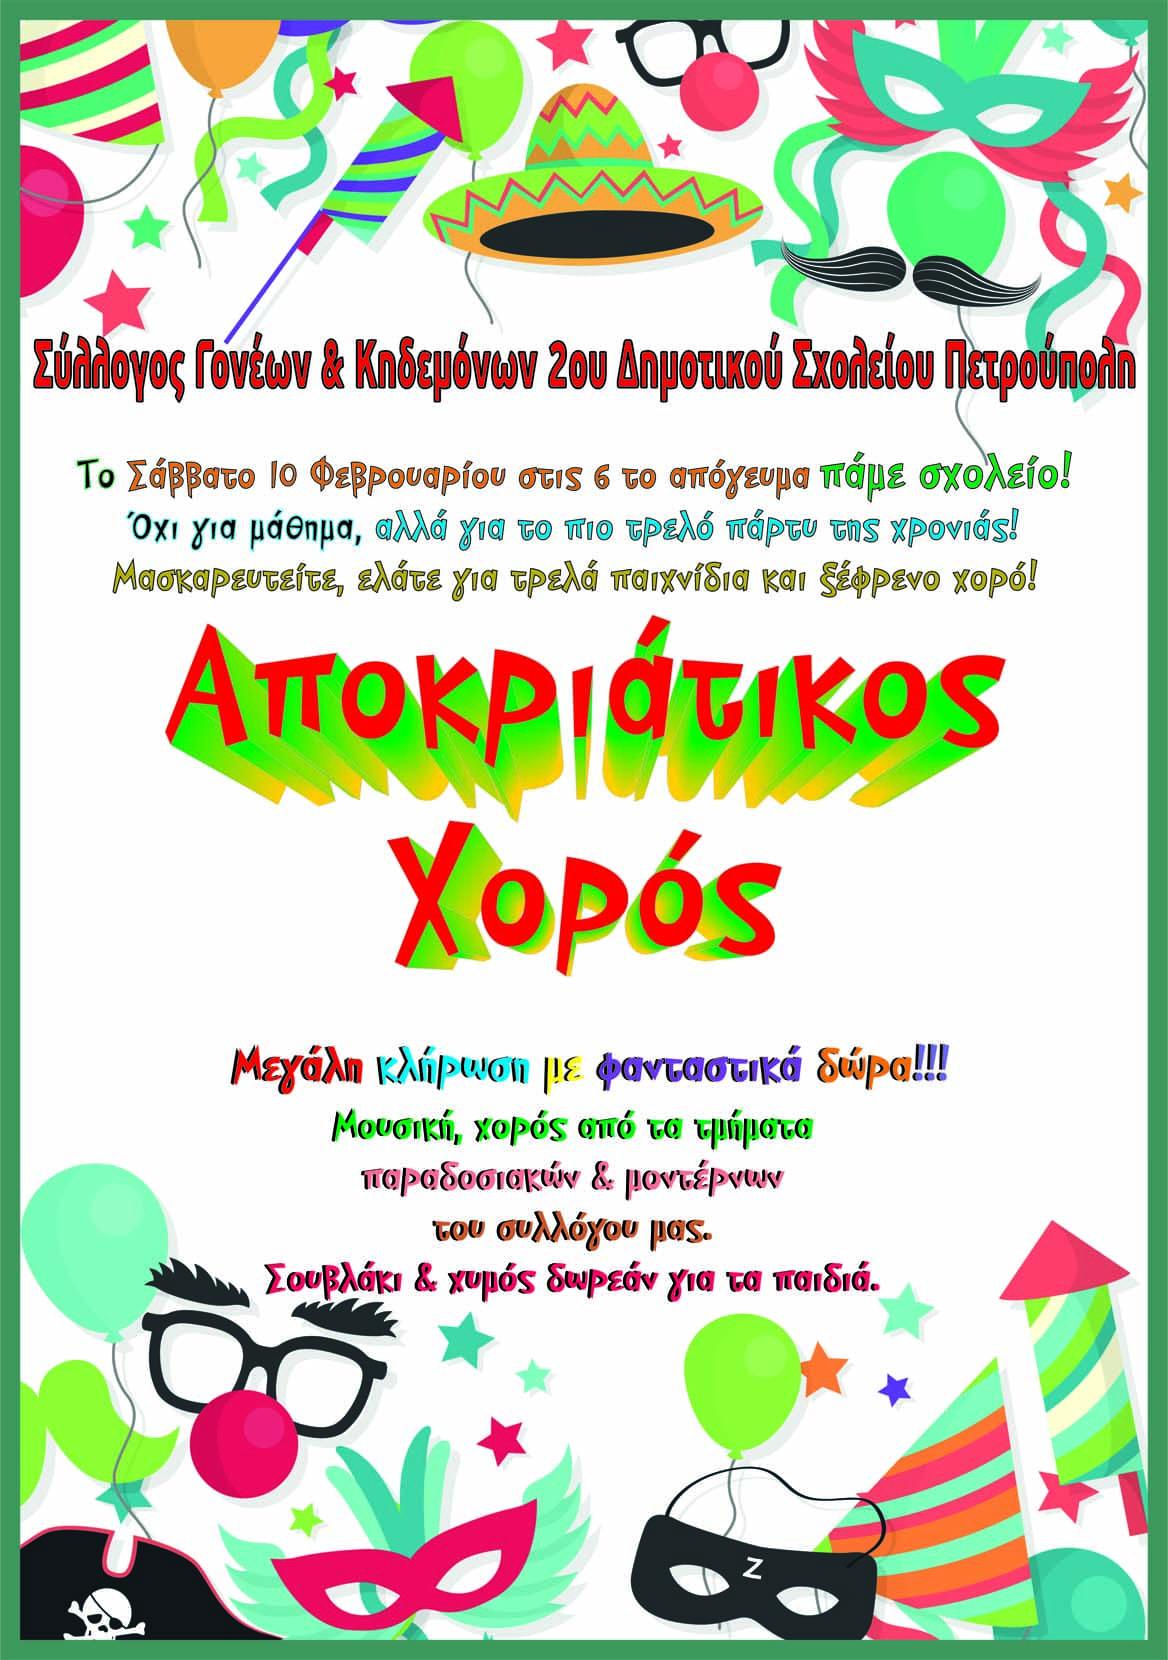 Εκτυπώσεις - Φωτοτυπίες - Γραφιστικά | Copyshop2.gr - Πετρούπολη | Σύλλογος Γονέων & Κηδεμόνων 2ου Δημοτικού Σχολείου Πετρούπολης